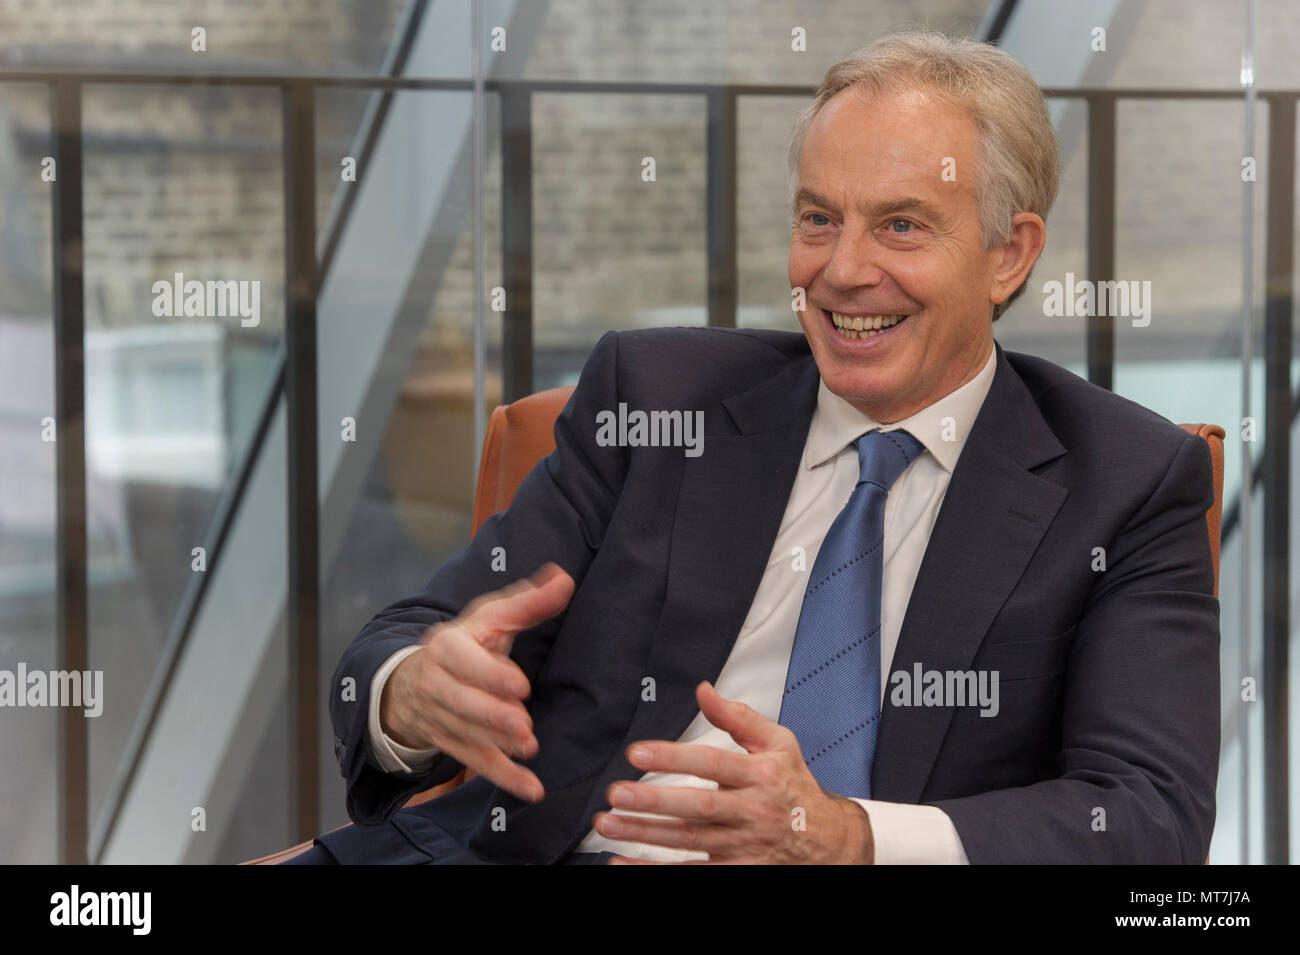 El Honorable Tony Blair en conversación en su oficina en el Instituto de Tony Blair para el cambio global en el centro de Londres Imagen De Stock